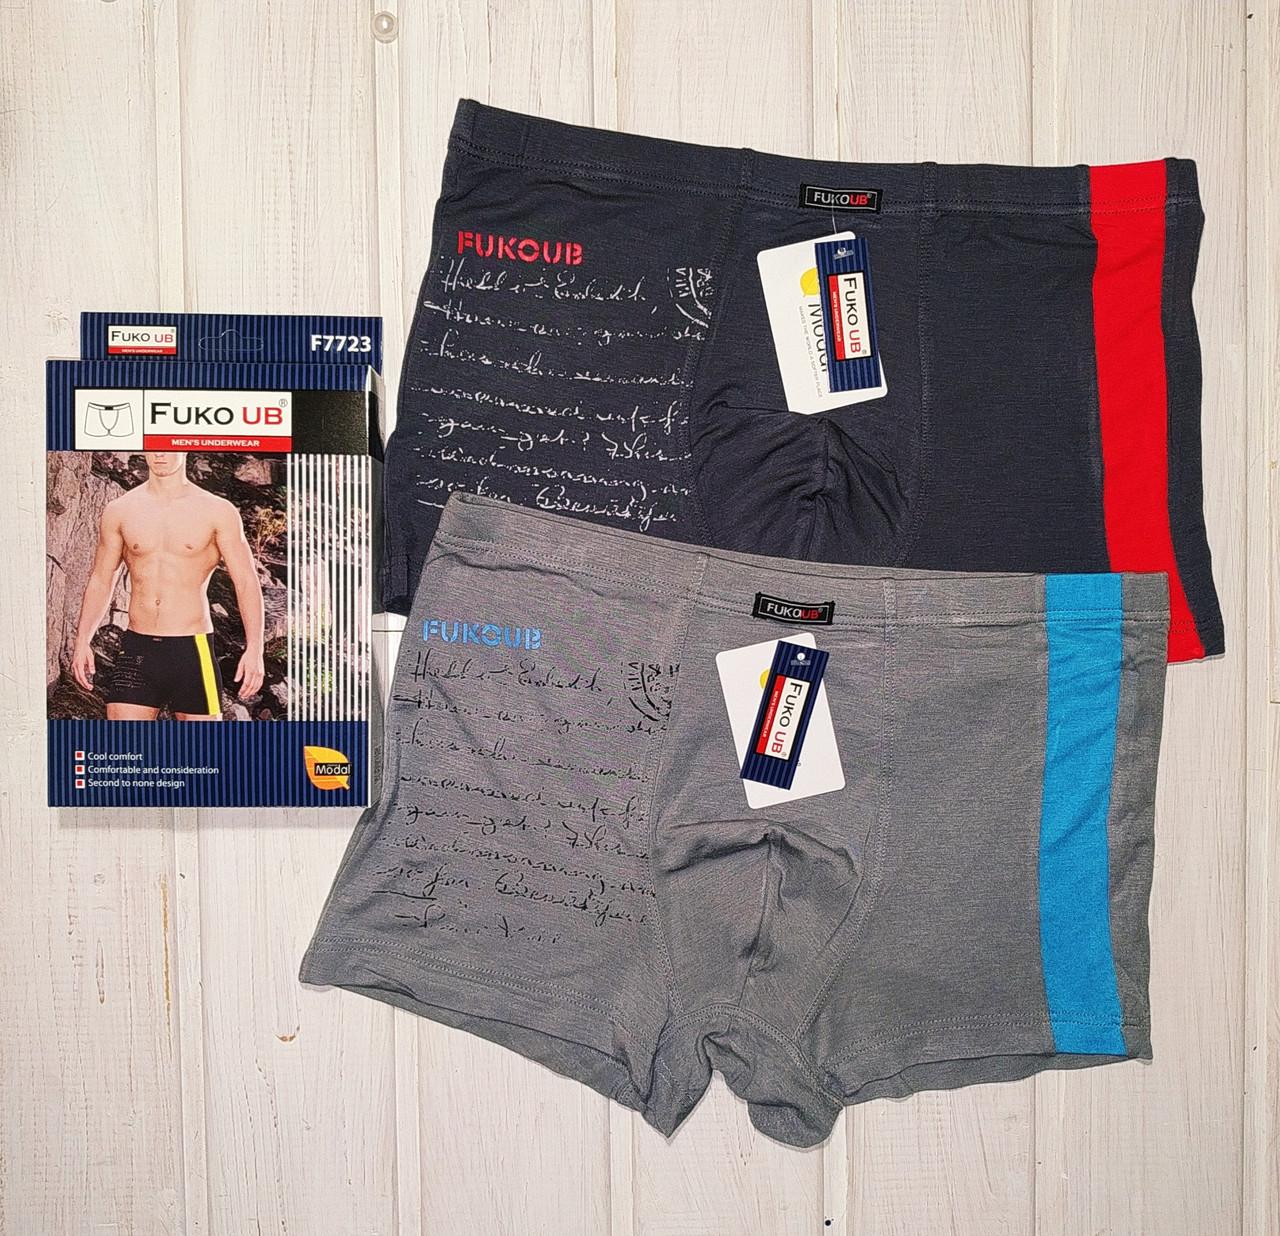 Трусы шорты боксеры Fuko Ub 7723 комплект 2шт XL графит и серые